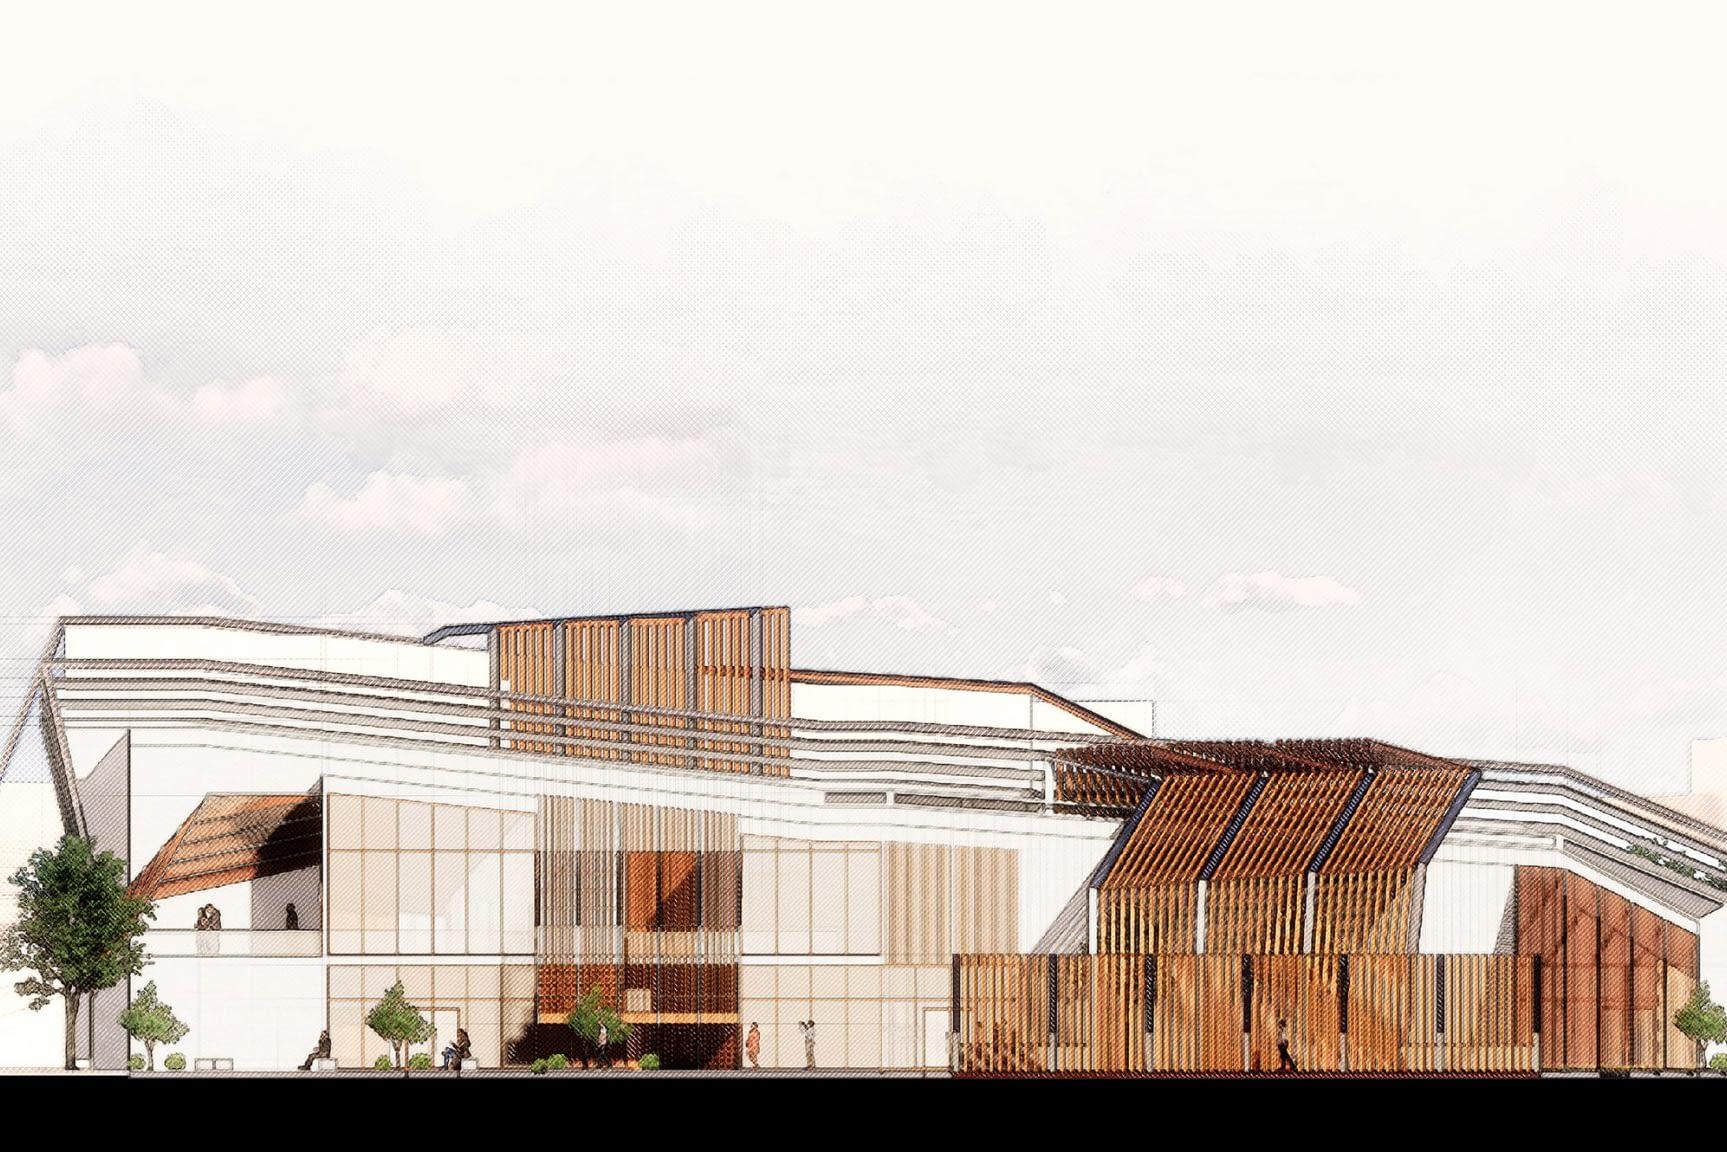 Architecture Program College Of Architecture Visual Arts Design